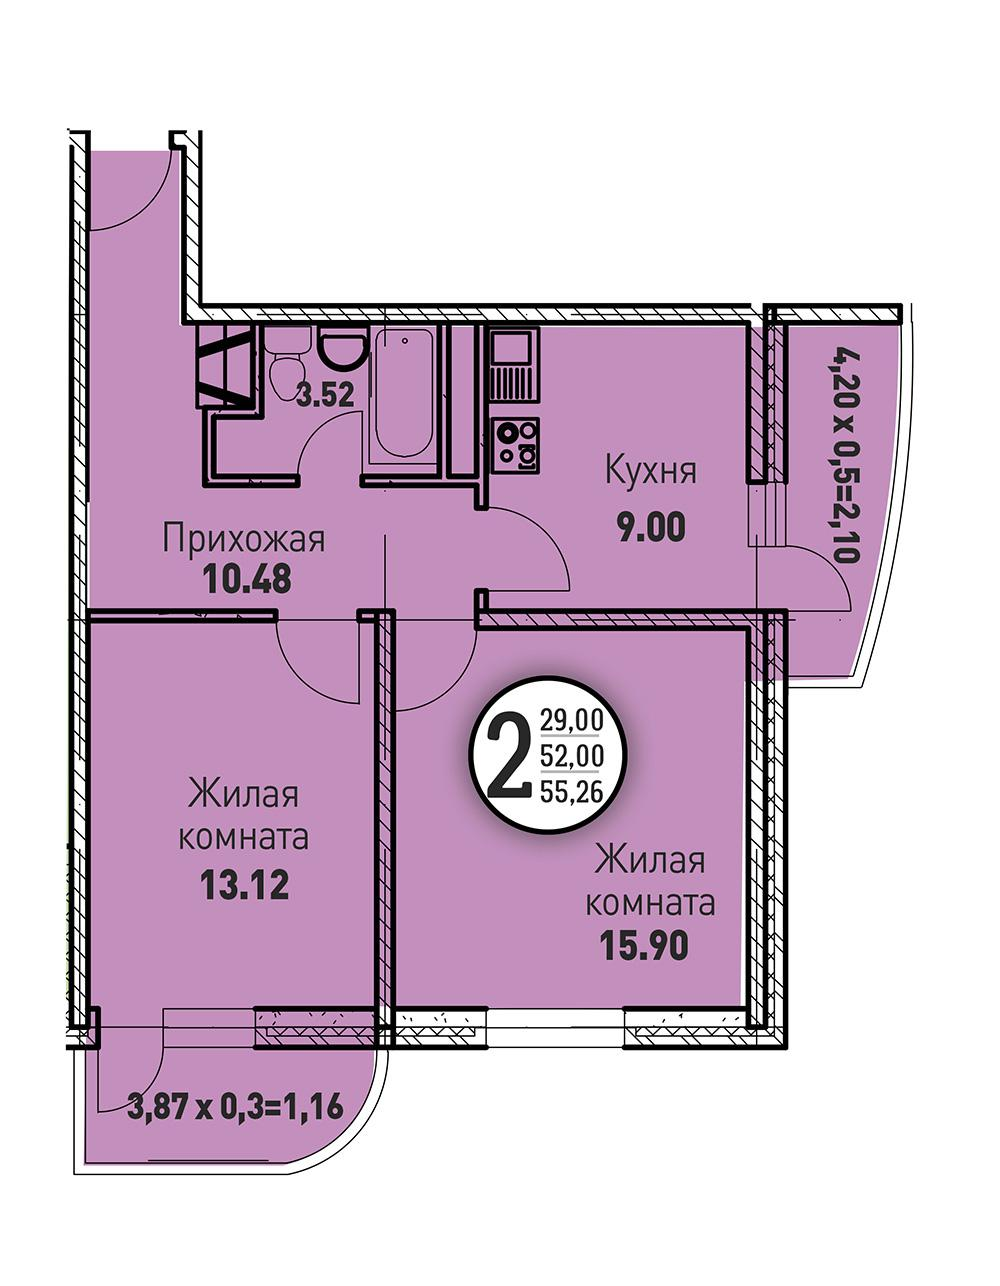 ЖК «Цветы» Квартира 55.26(Ипотека 7,4)